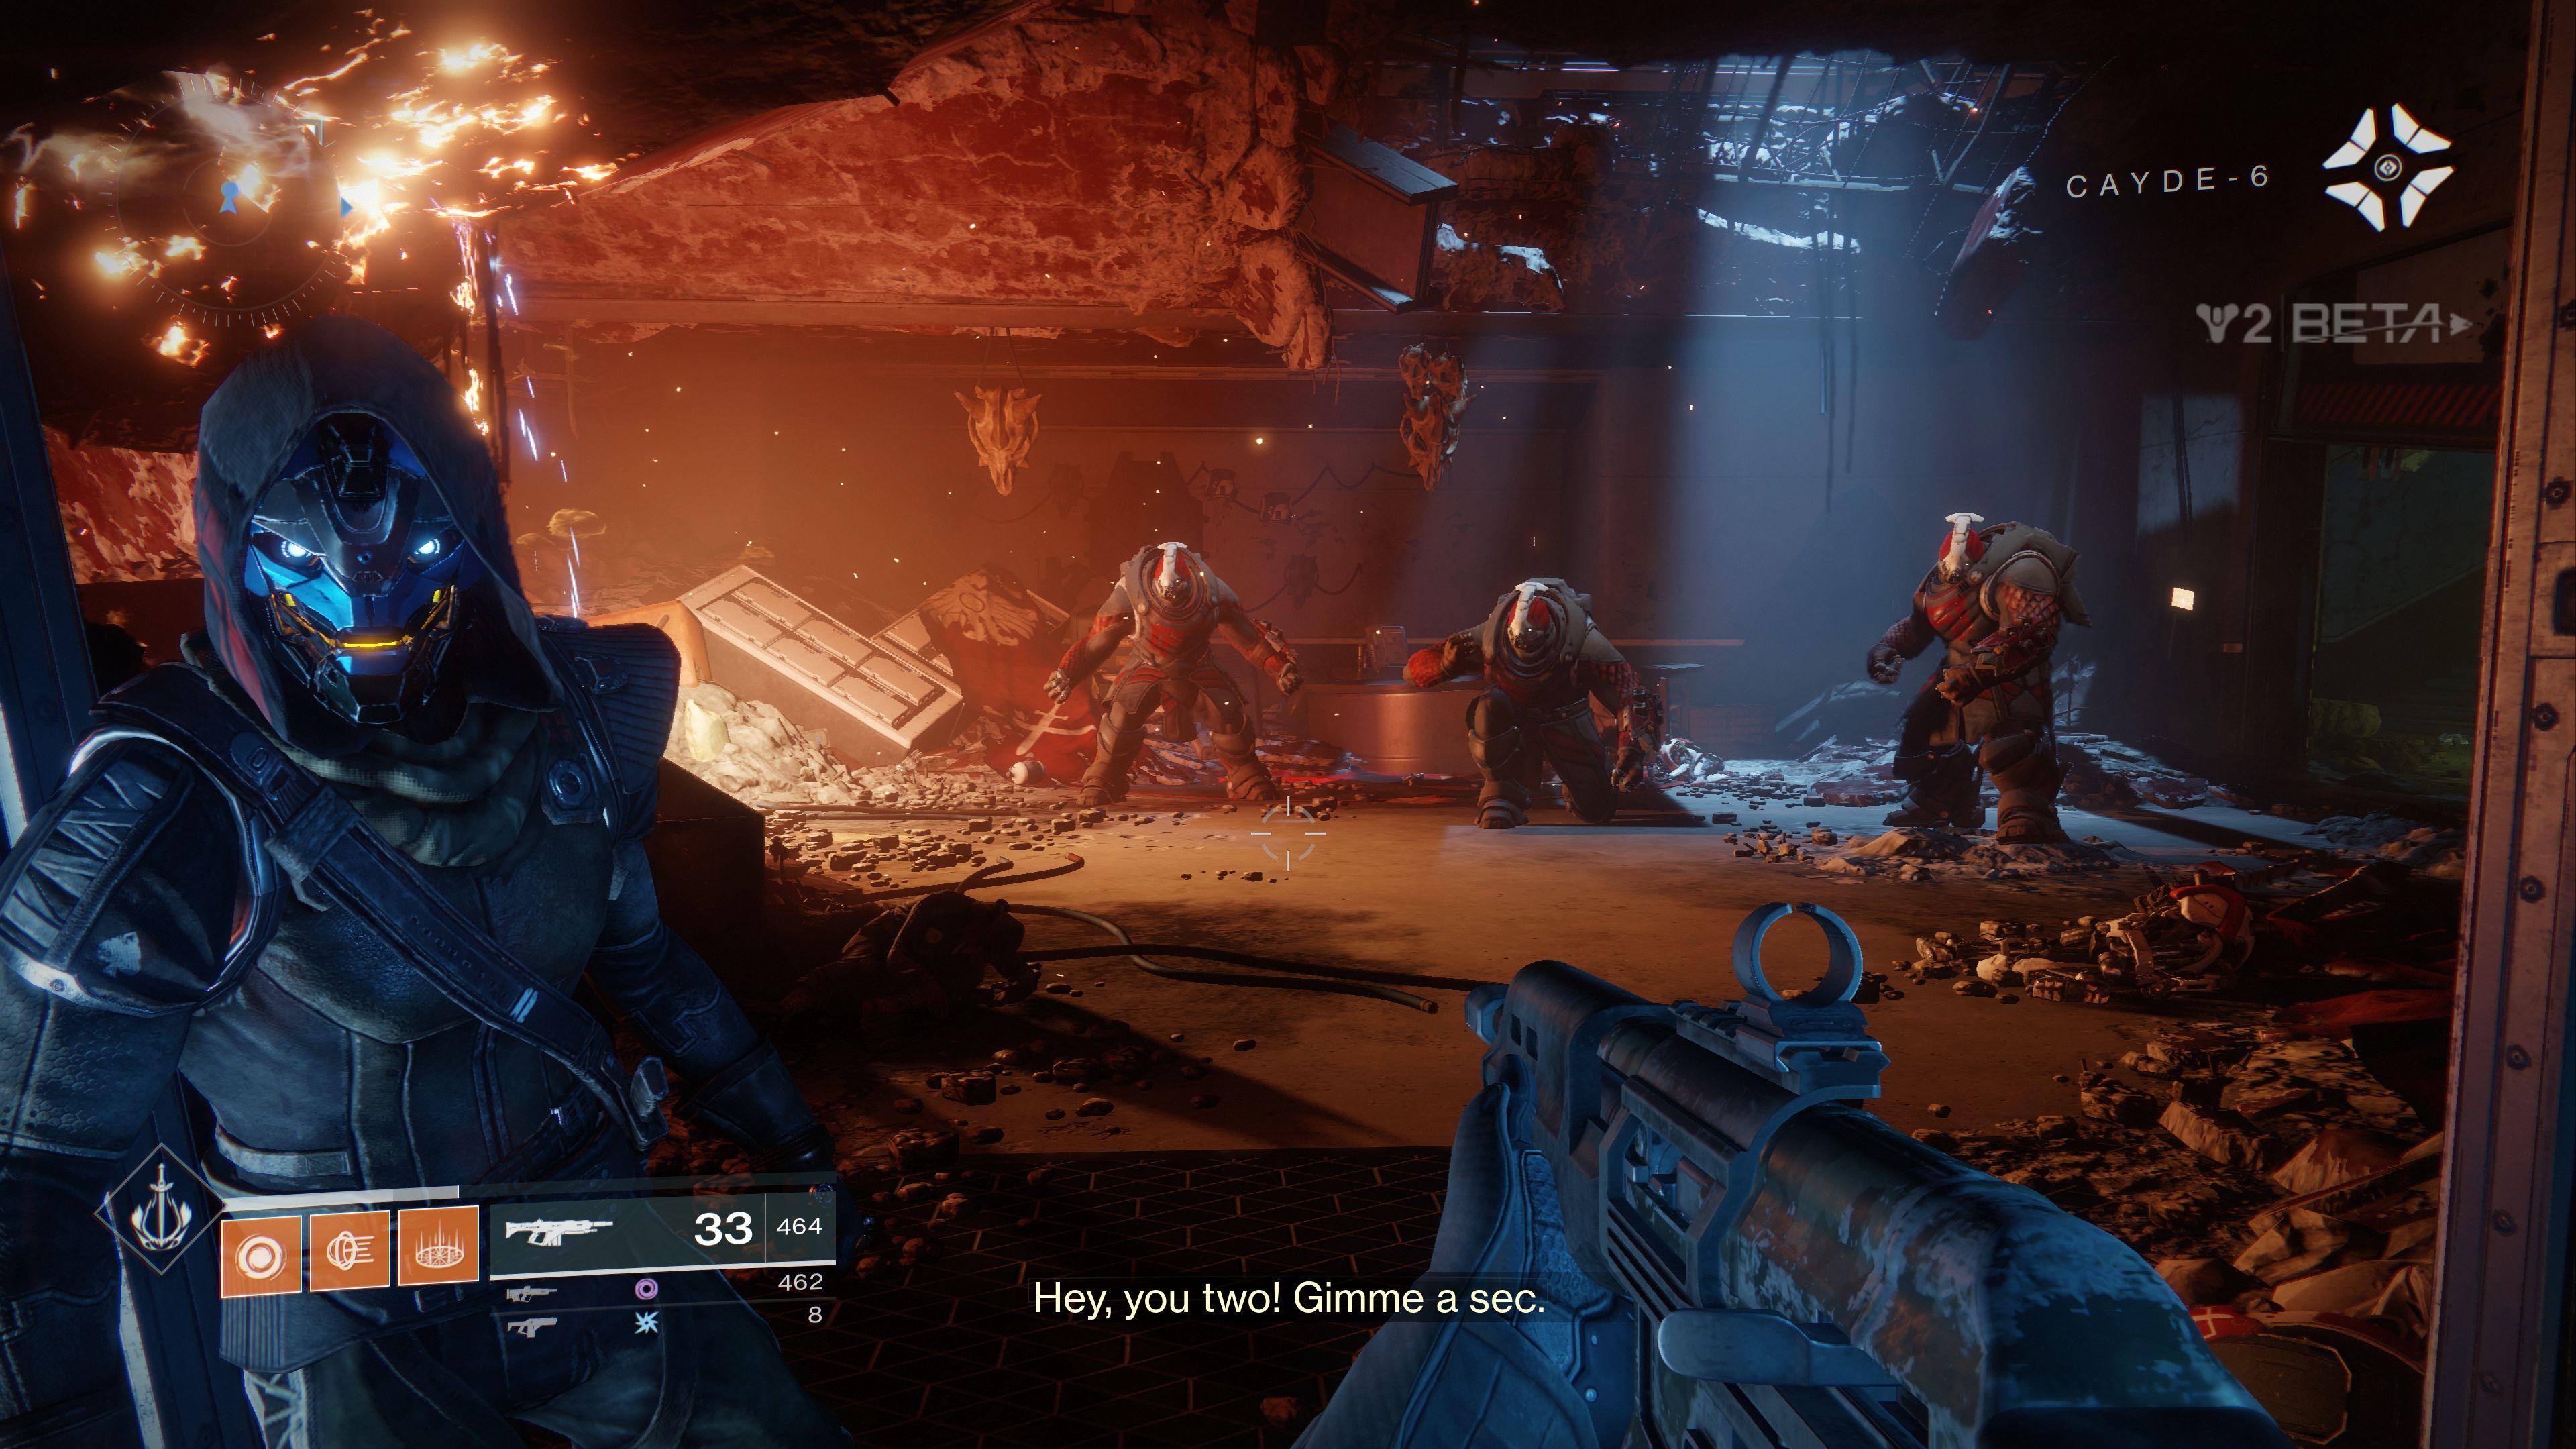 Dojmy z bety Destiny 2 + vlastní záběry s komentářem 147810